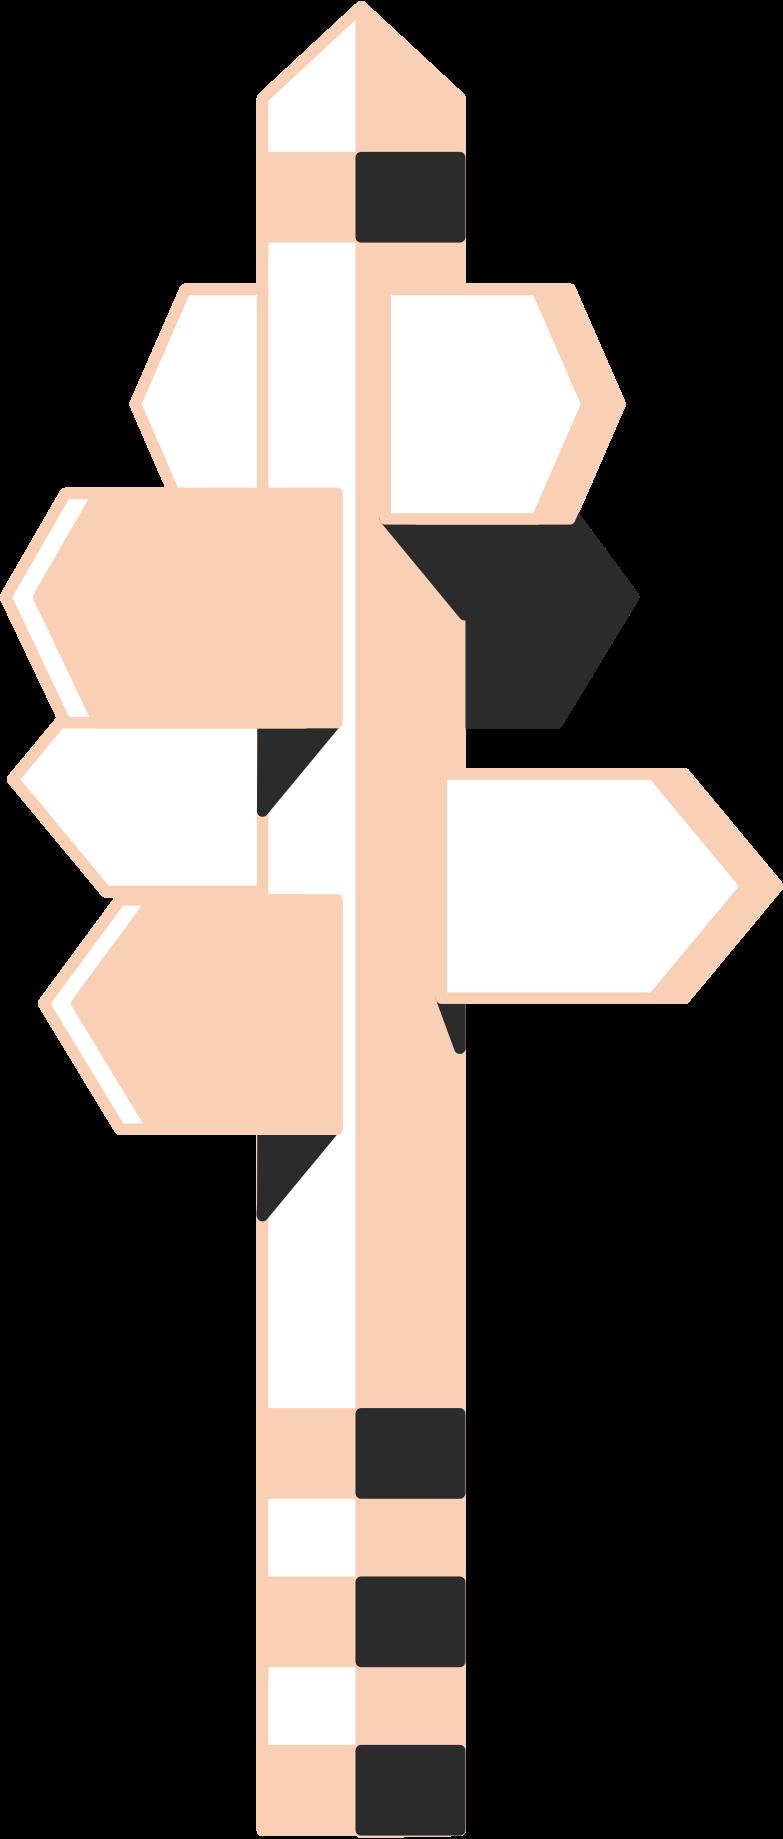 navigation post Clipart illustration in PNG, SVG